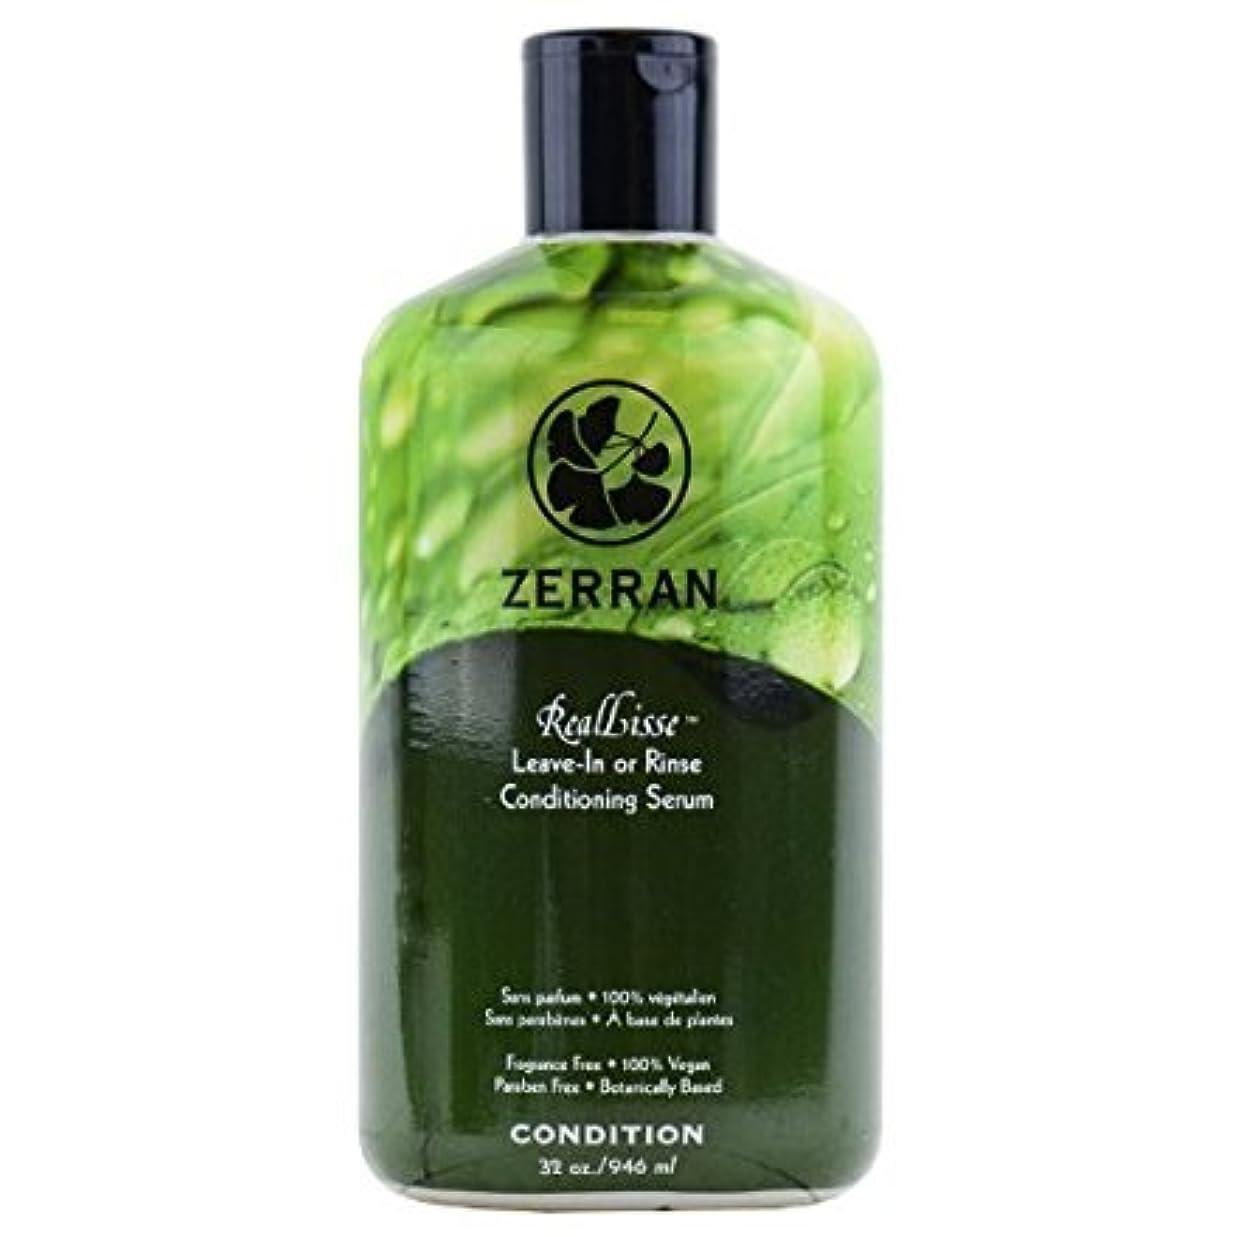 ディンカルビル無視できるライブZerran Hair Care Zerran RealLisseまま-Inまたはリンスコンディショニングセラム - 32オンス 32オンス